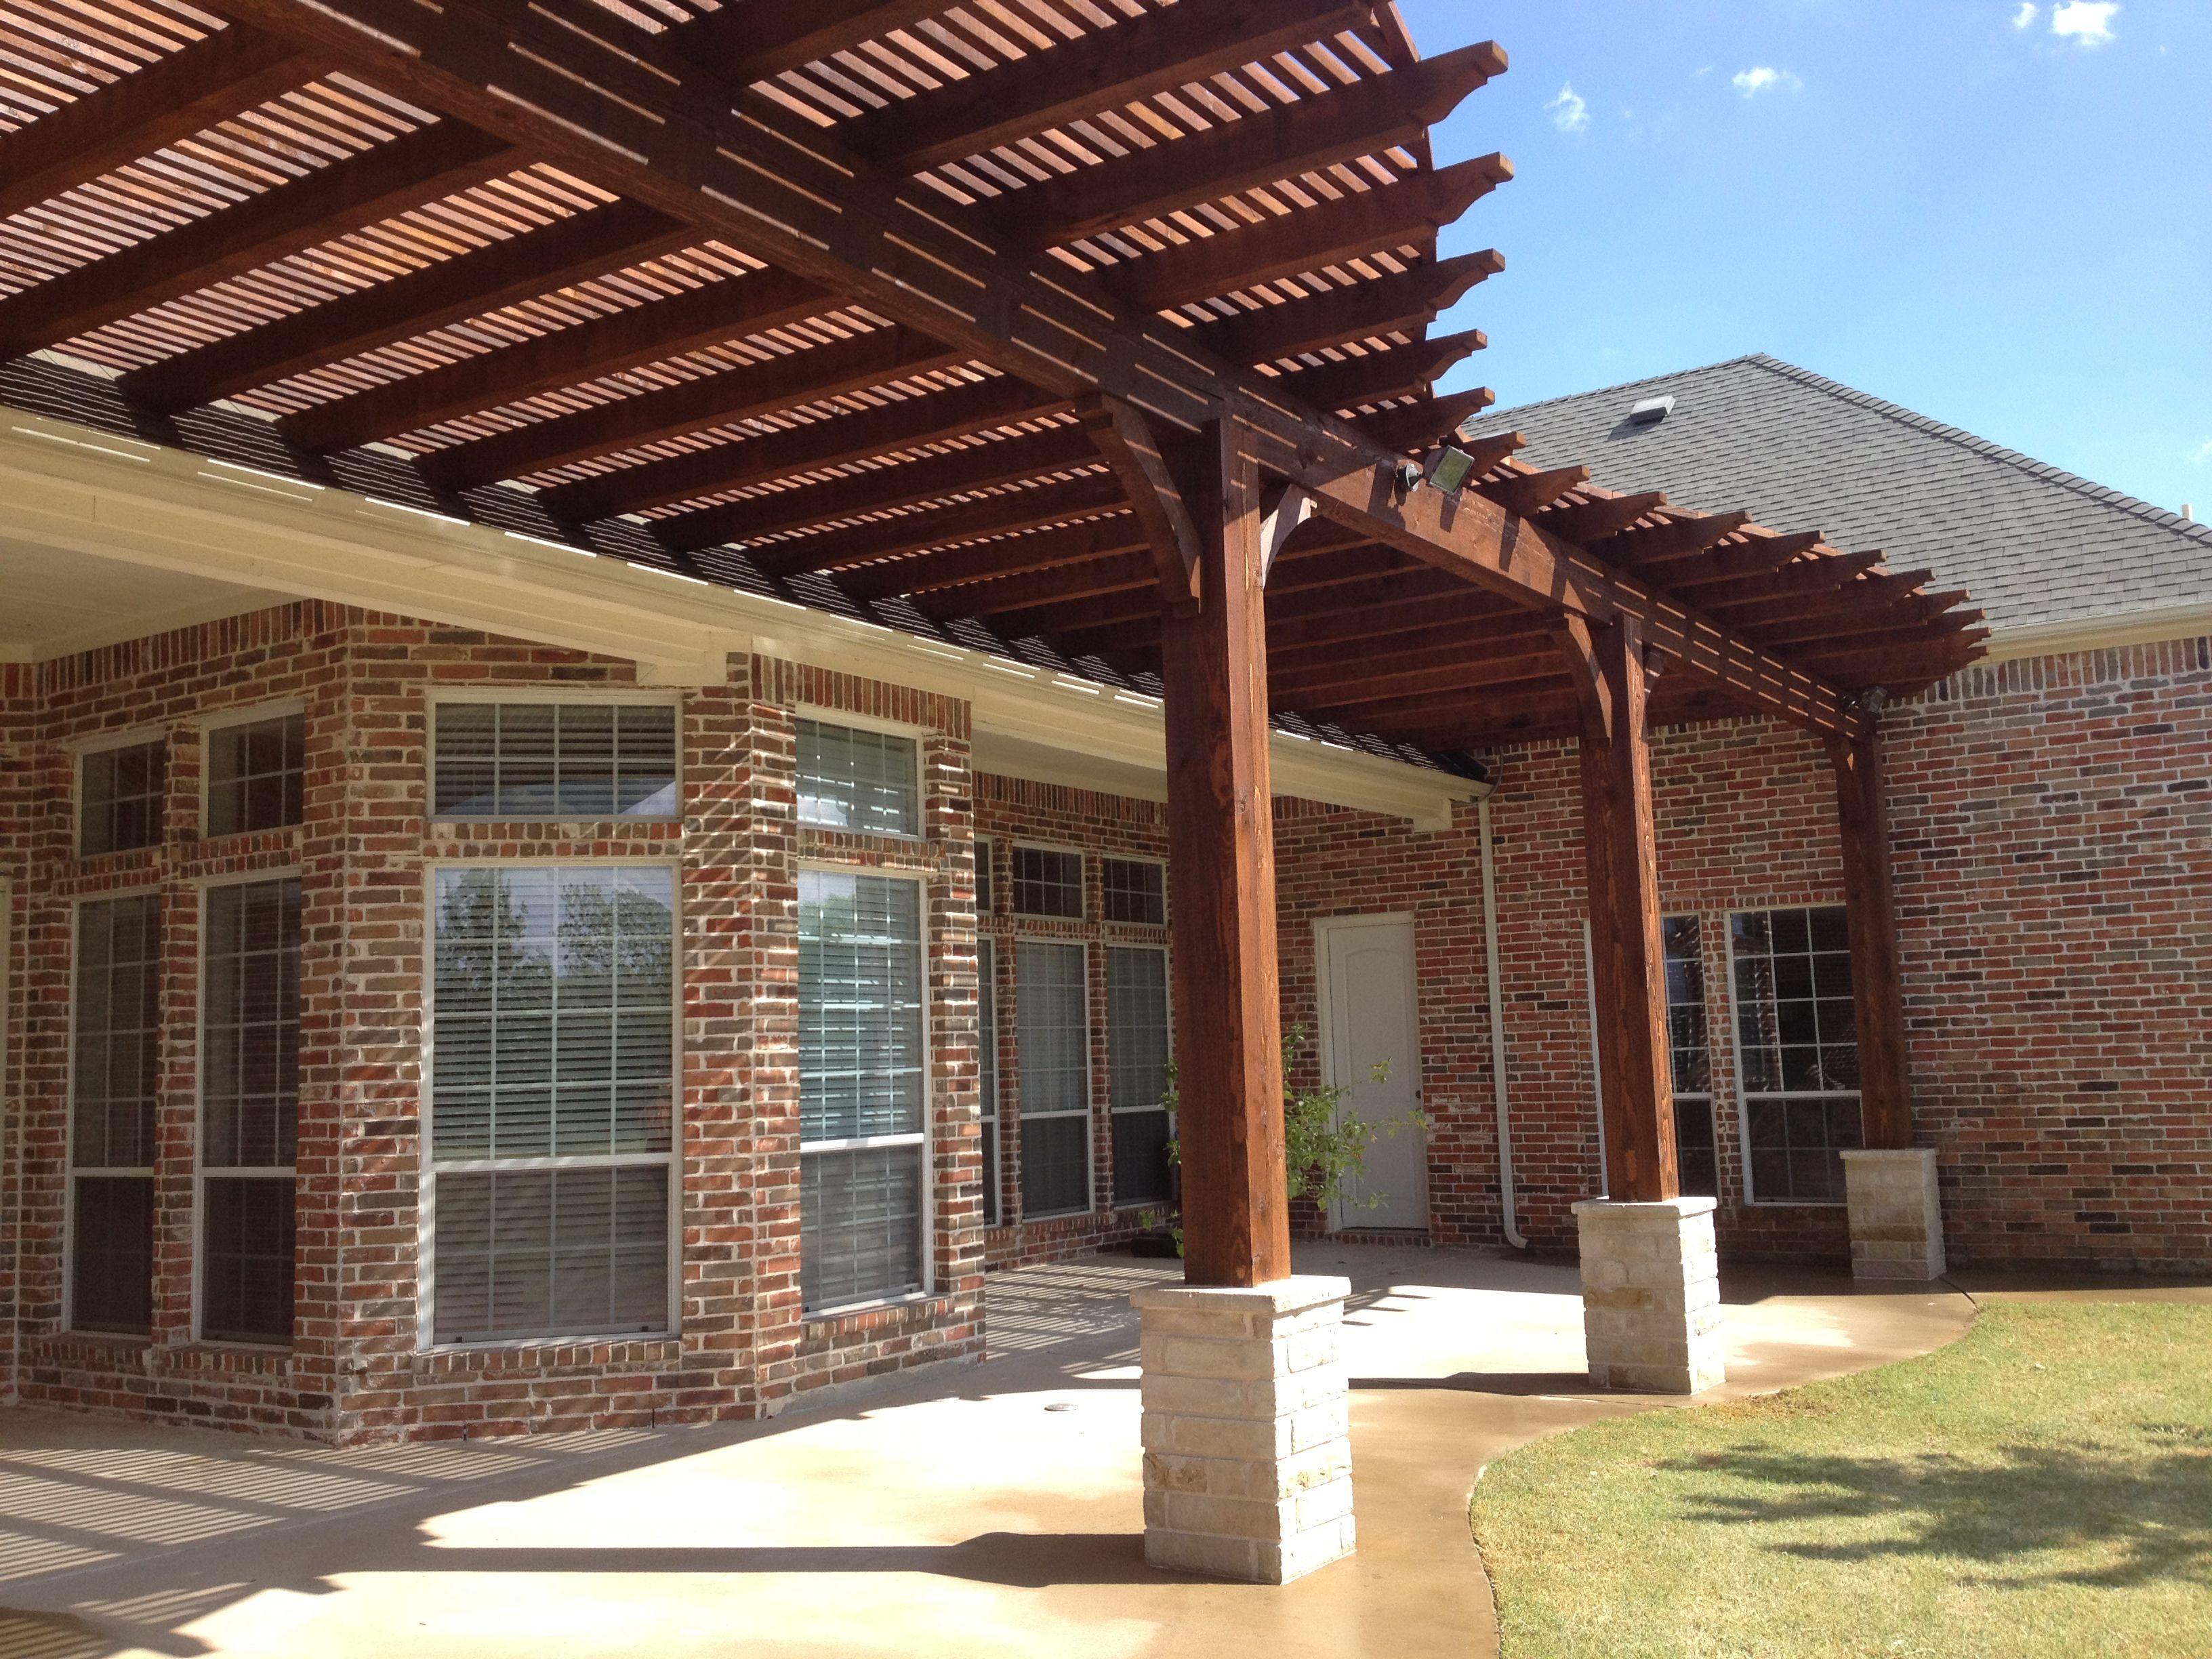 Primo Outdoor Living | Pergola, Gazebo, Outdoor living on Primo Outdoor Living  id=40650